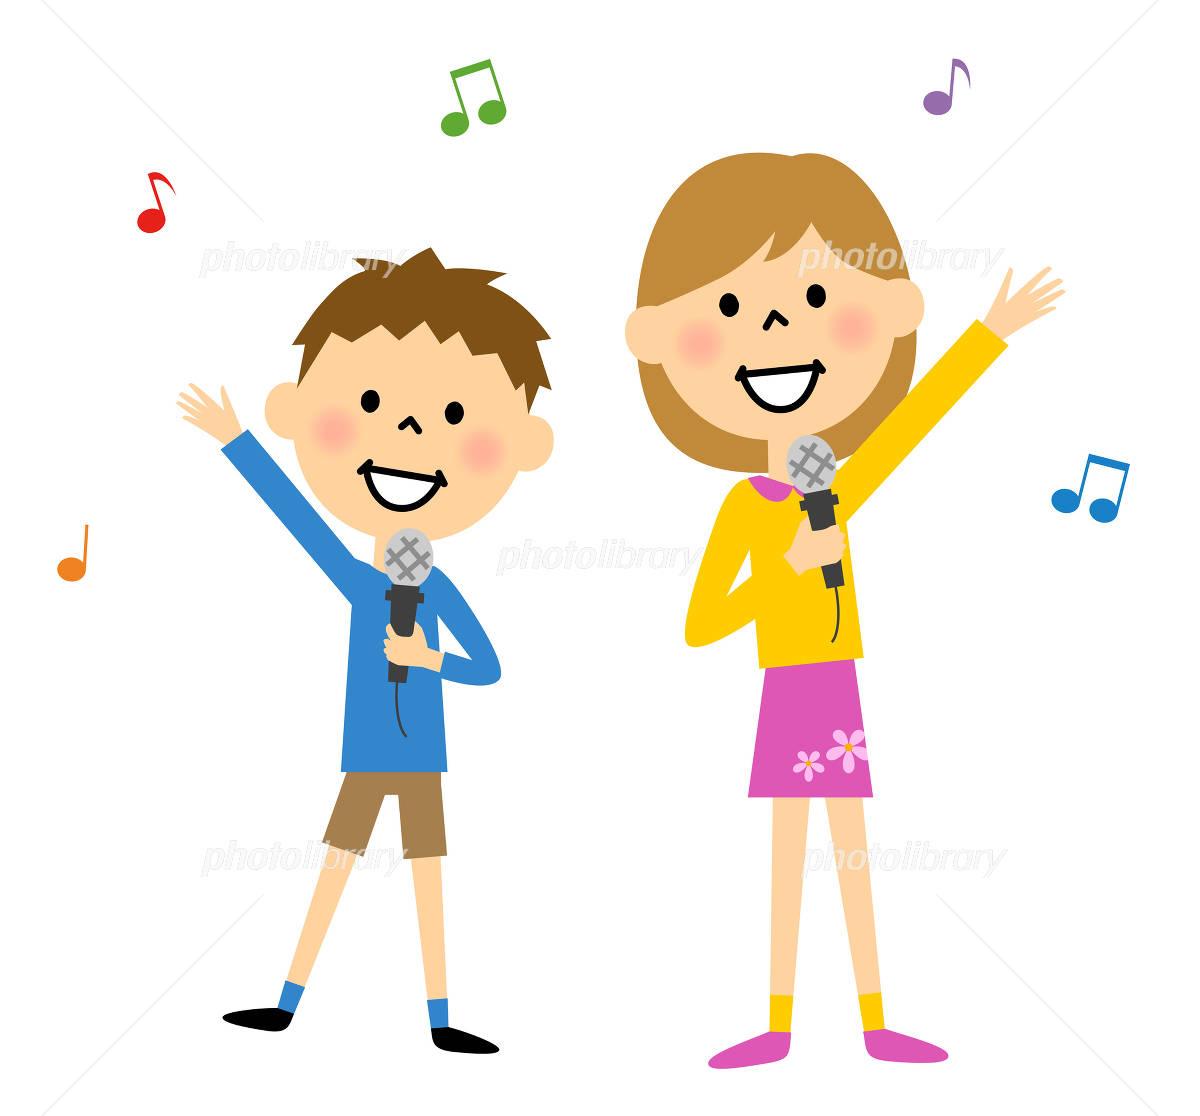 歌をうたう子ども イラスト素材 [ 4997079 ] - フォトライブラリー ...